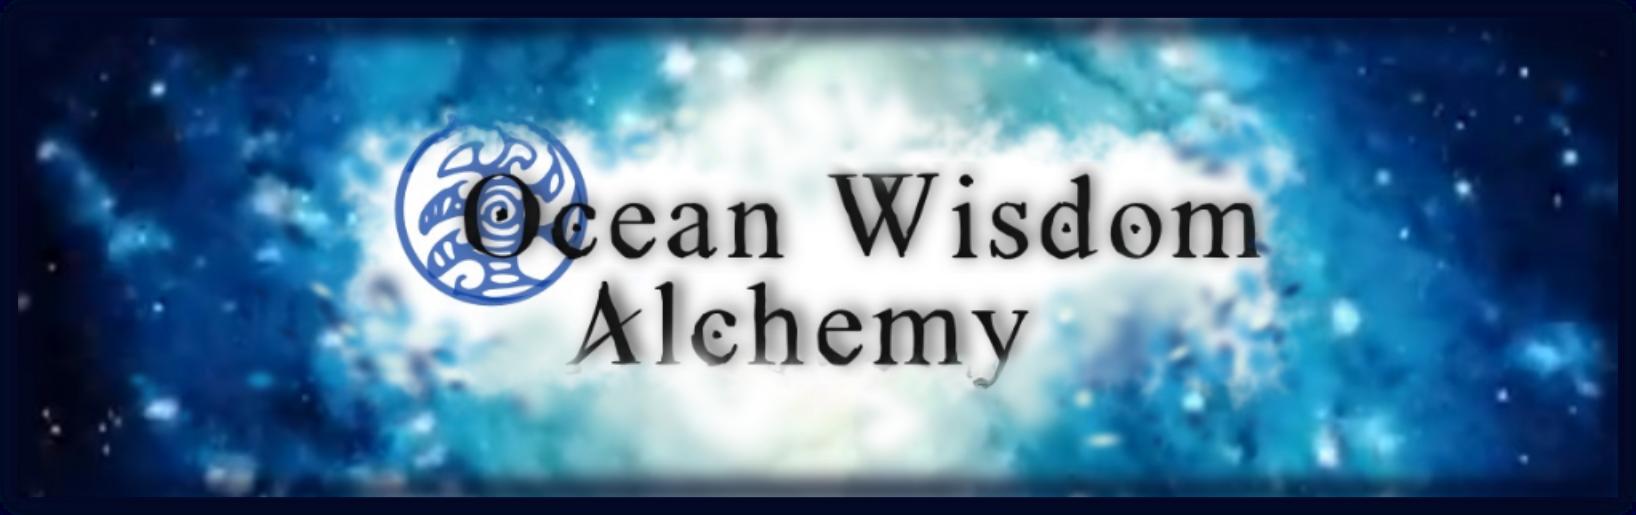 Ocean Wisdom Alchemy